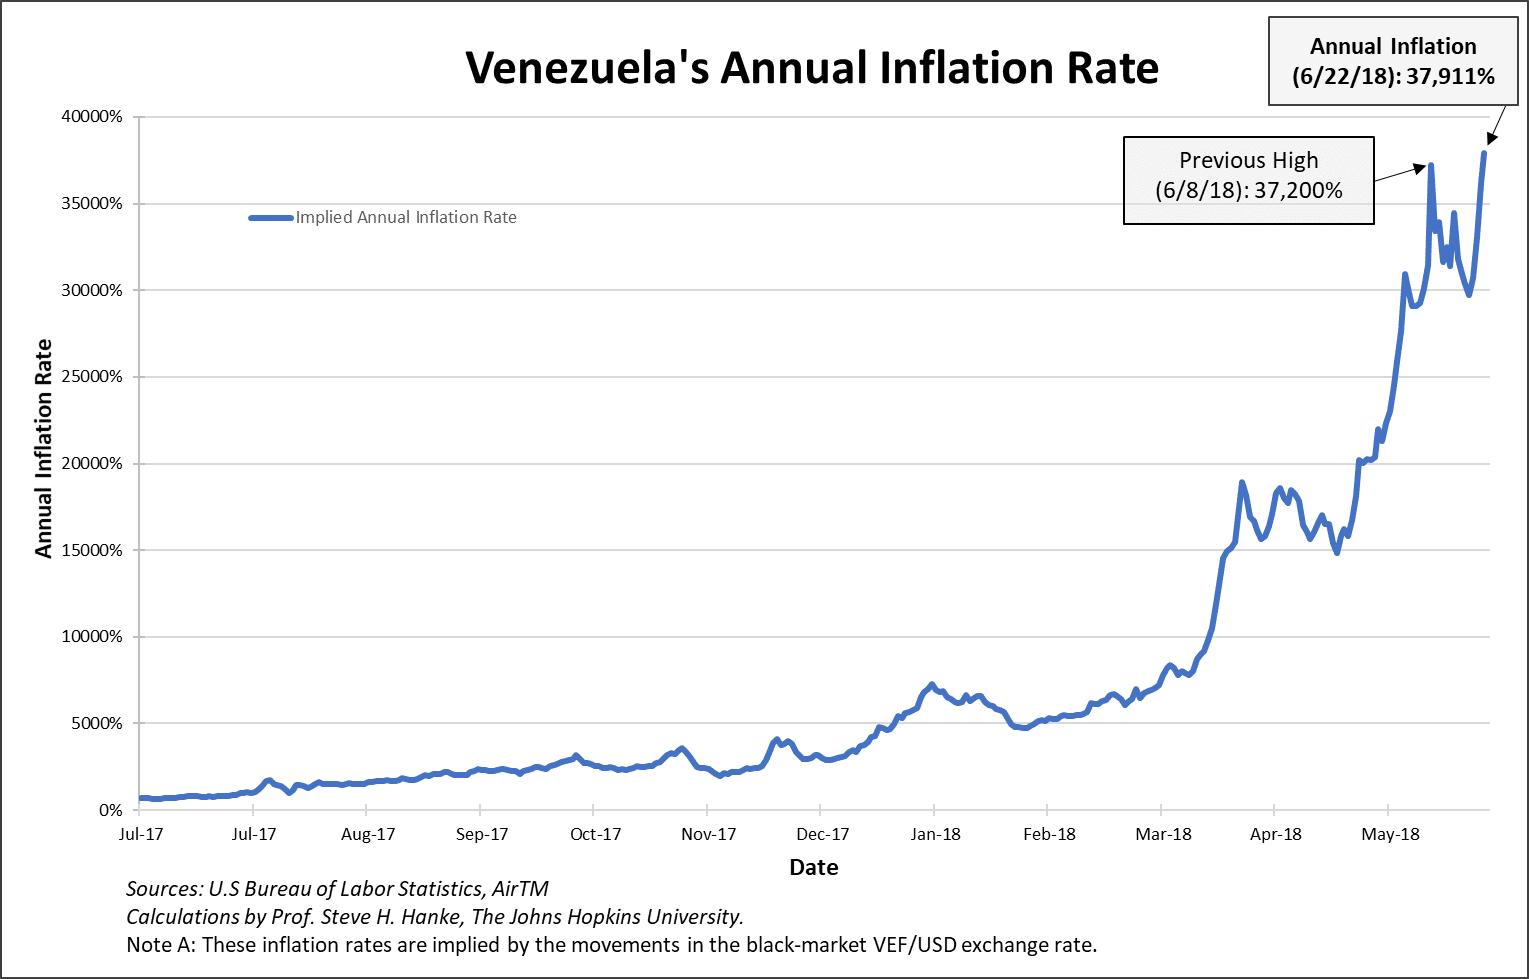 Venezuela: le taux d'inflation annuel vient d'atteindre un nouveau sommet historique à près de 38.000% !!